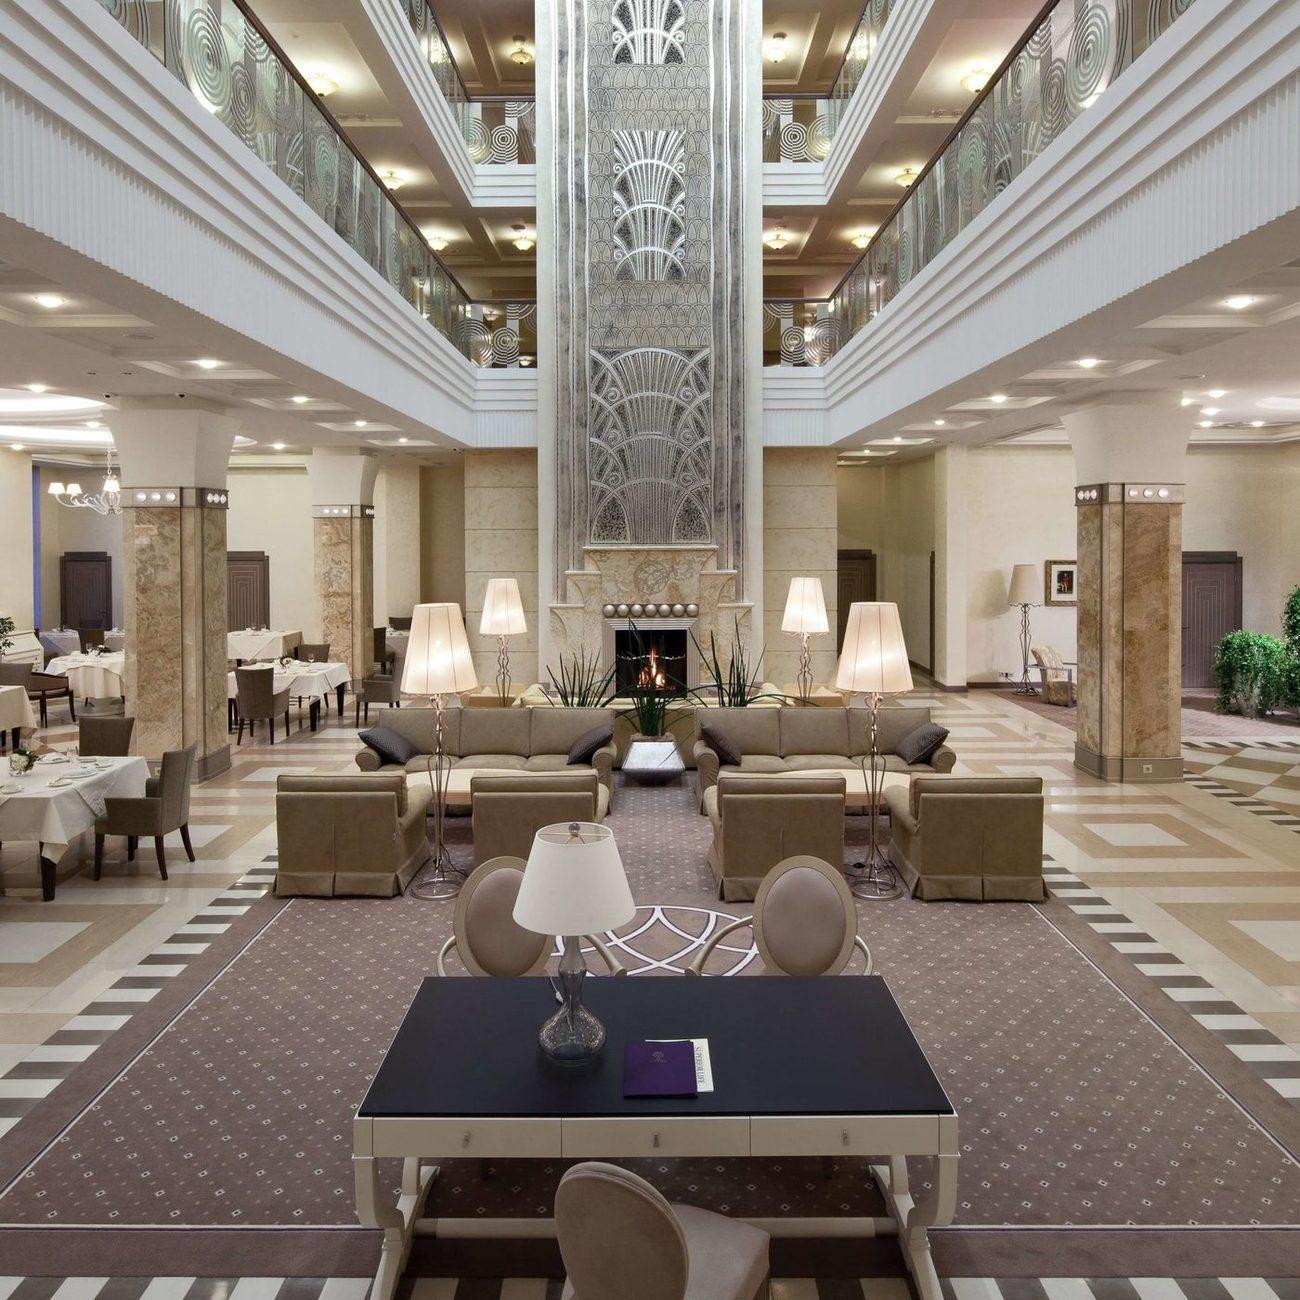 В холле вас встречает символ и гордость отеля - 18-метровый камин, высота которого равна четырехэтажному зданию. Рисунок на камине выполнен в старинной технике сграффито.